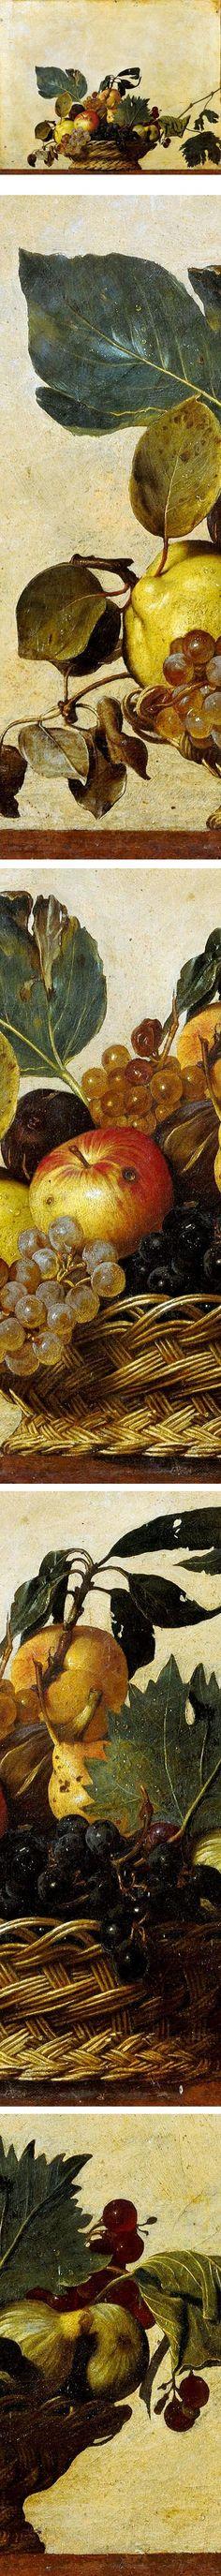 Basket of Fruit, Caravaggio (Michelangelo Merisi da Caravaggio)